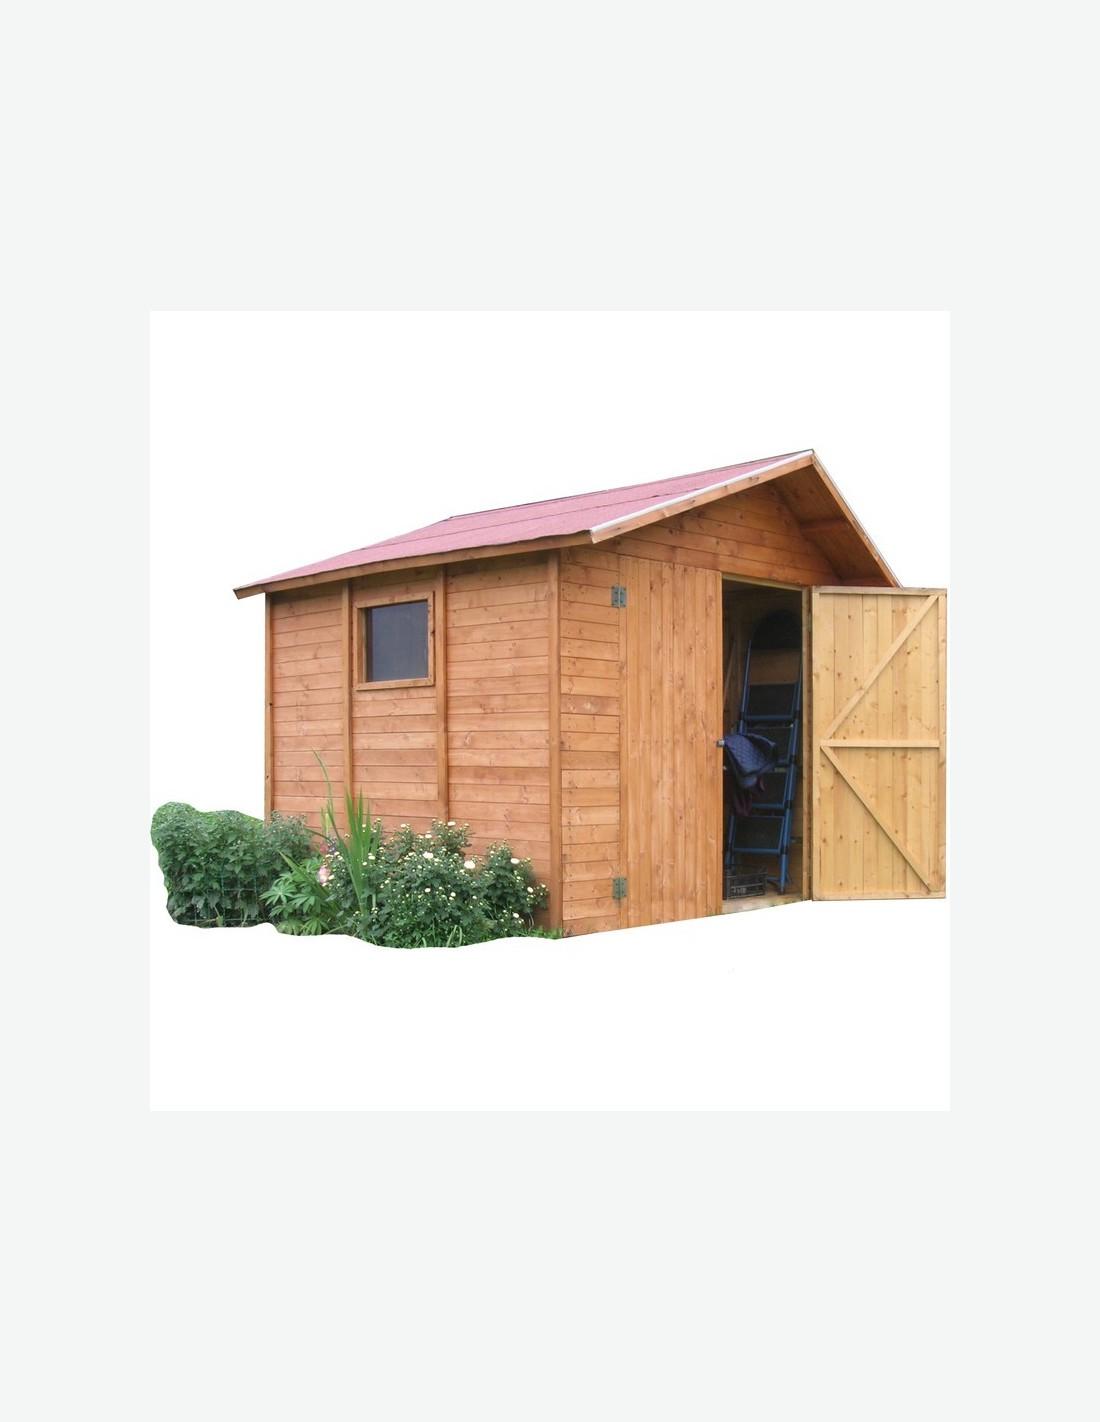 Casetta casette in legno da giardino avantishop - Casette legno giardino offerte ...